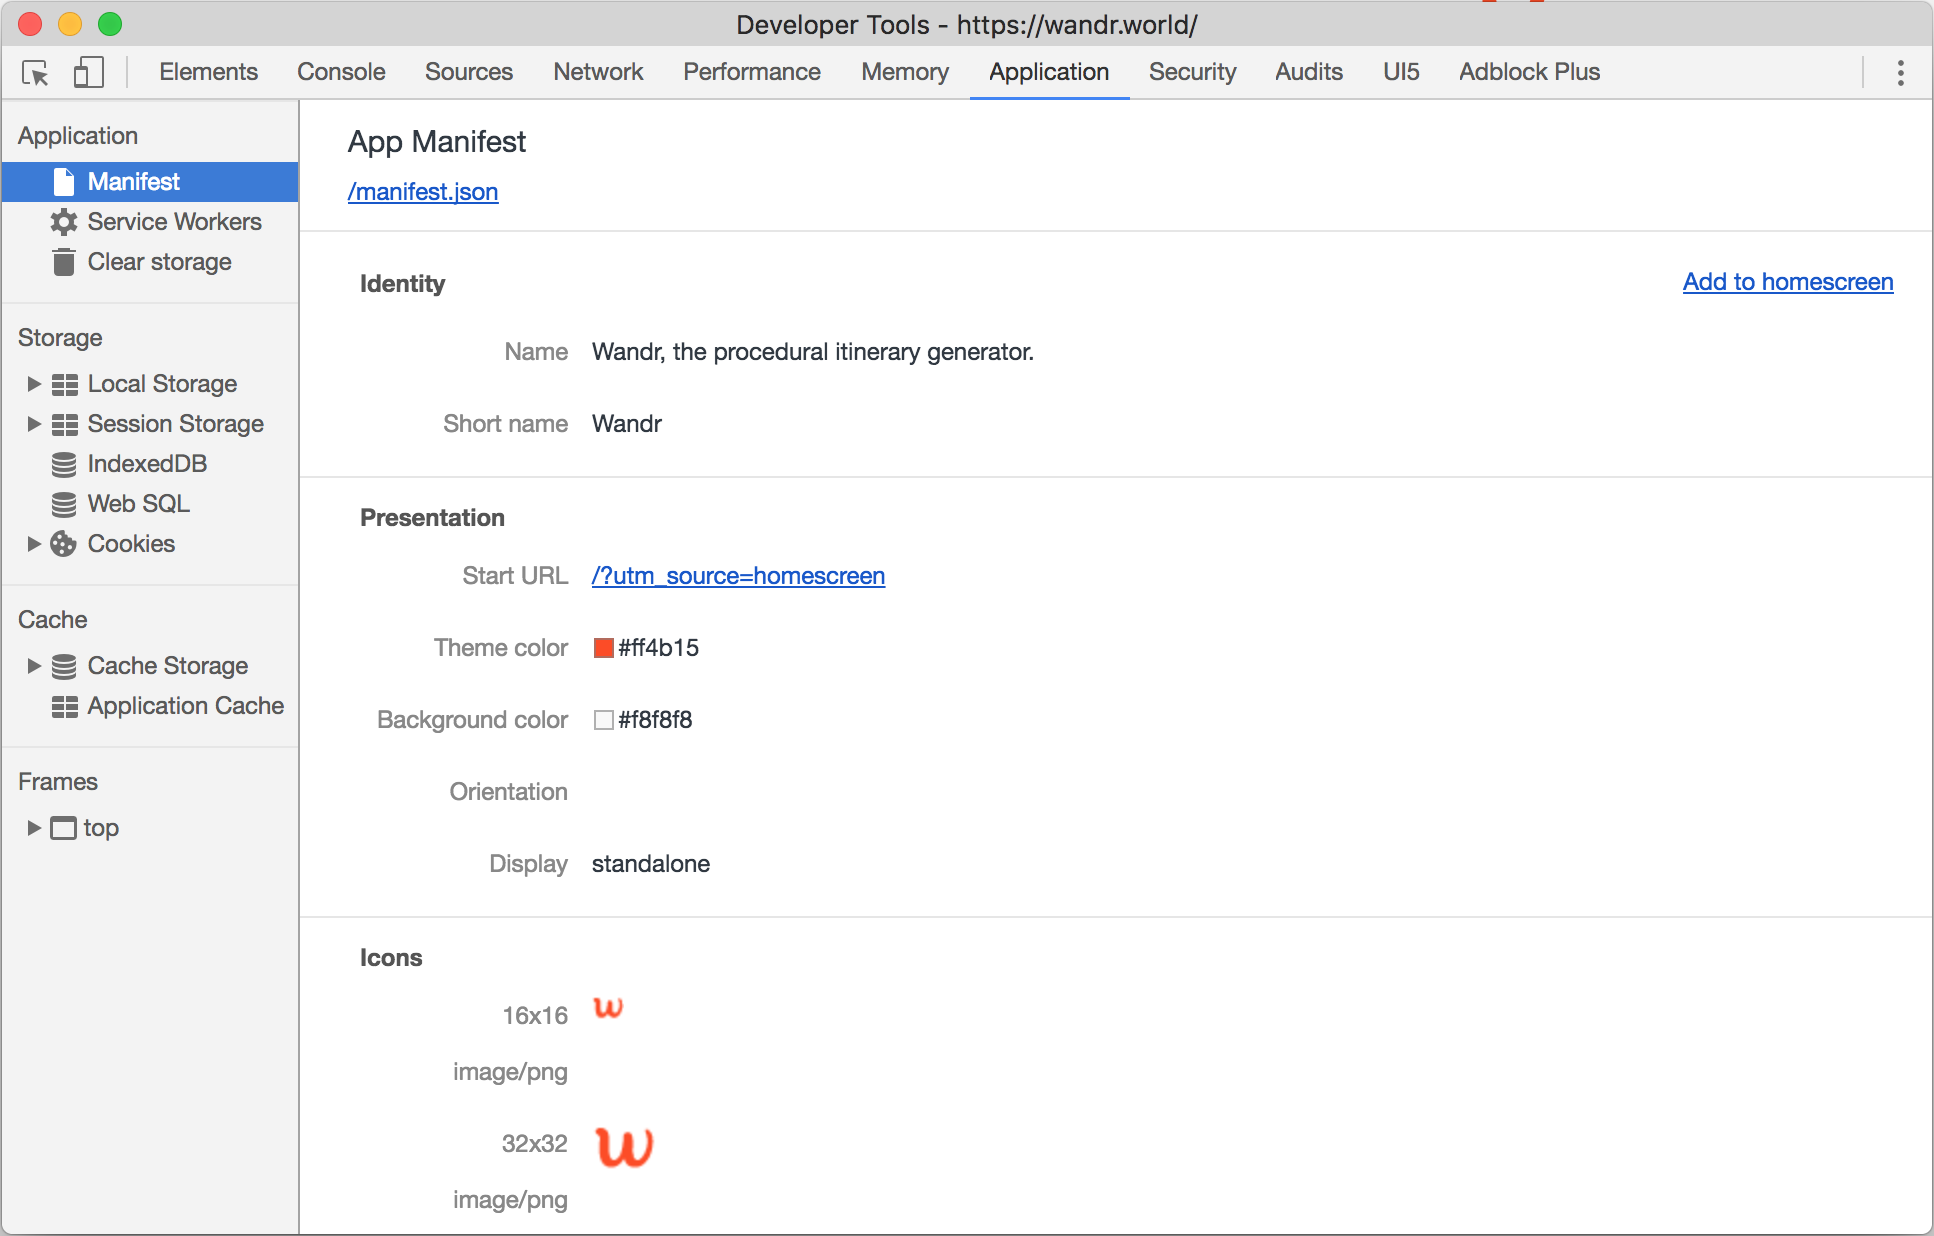 Manifest as shown in Chrome Developer Tools for https://wandr.world